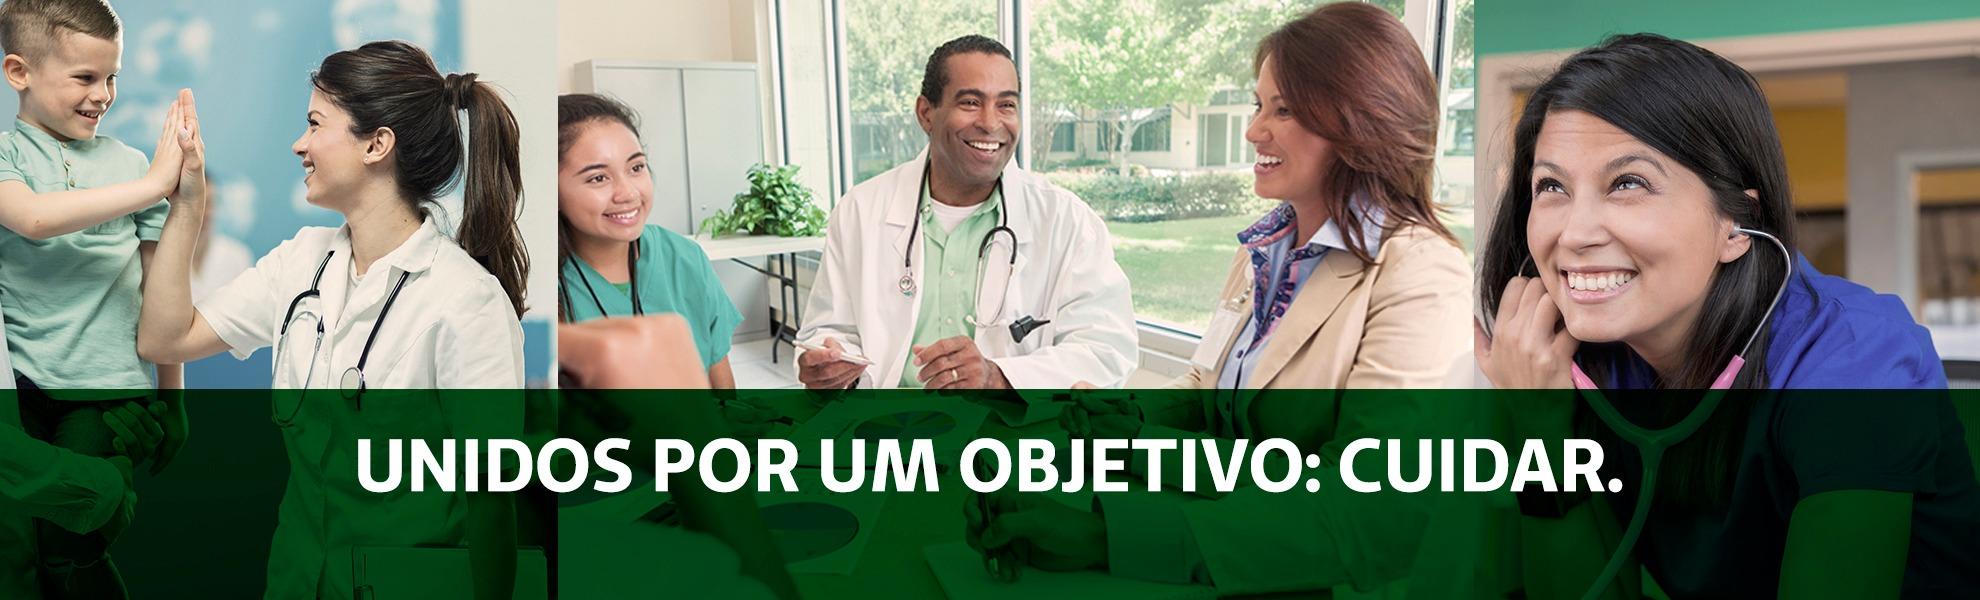 Manobrista - NOVO HOSPITAL GERAL DA UNIMED - BANCO DE TALENTOS